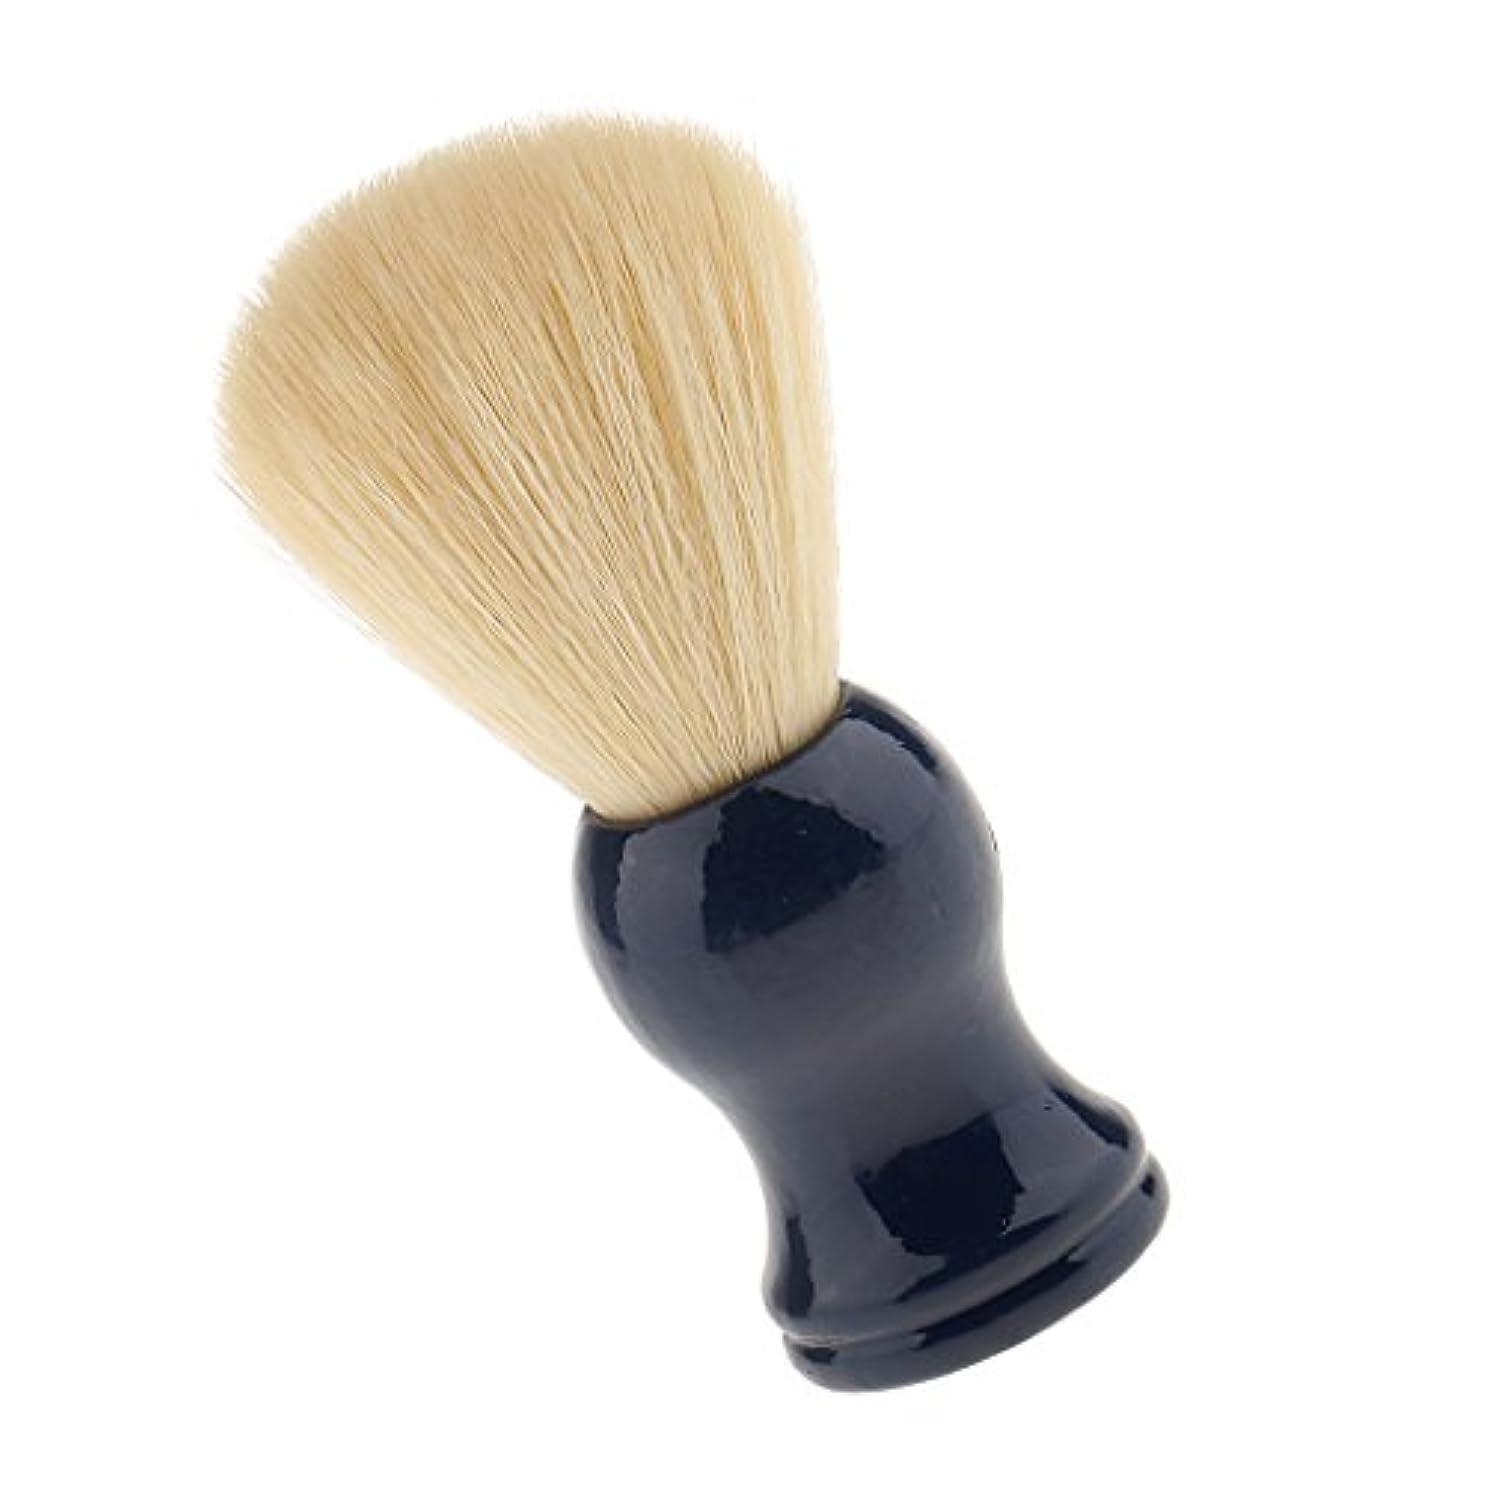 行プロジェクター大きなスケールで見るとKesoto シェービングブラシ 美容院用工具 理髪用 スキンケア サロン 便利グッズ ひげブラシ 首/顔 散髪整理  1点